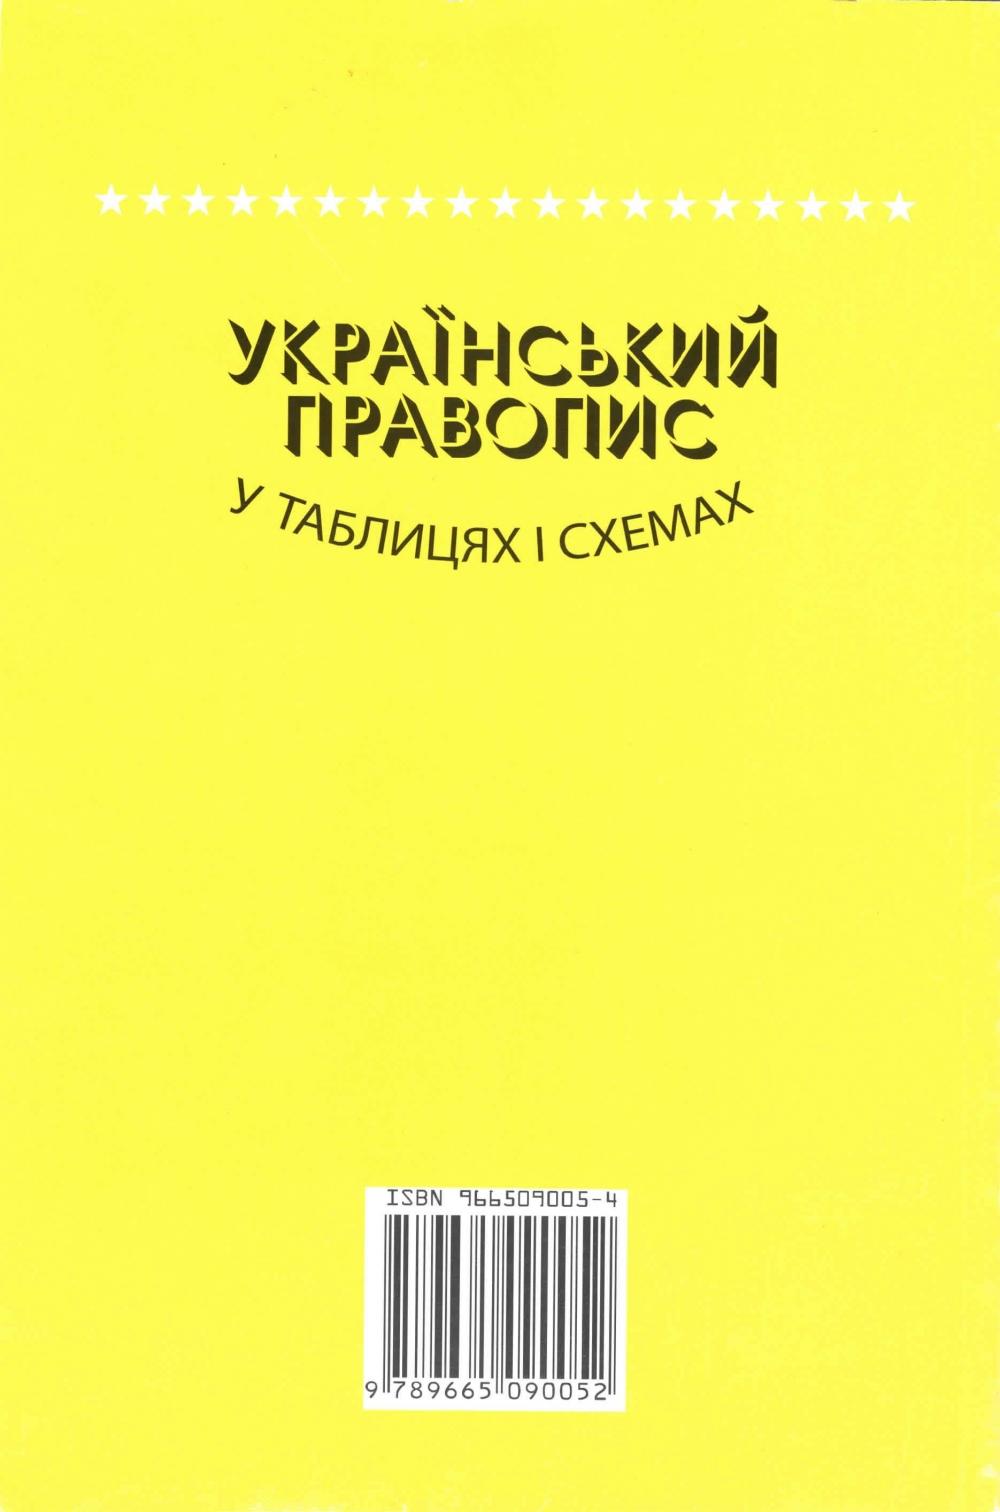 Український правопис у таблицях і схемах. Авт: Чукіна В. Вид-во: Логос. купити  13